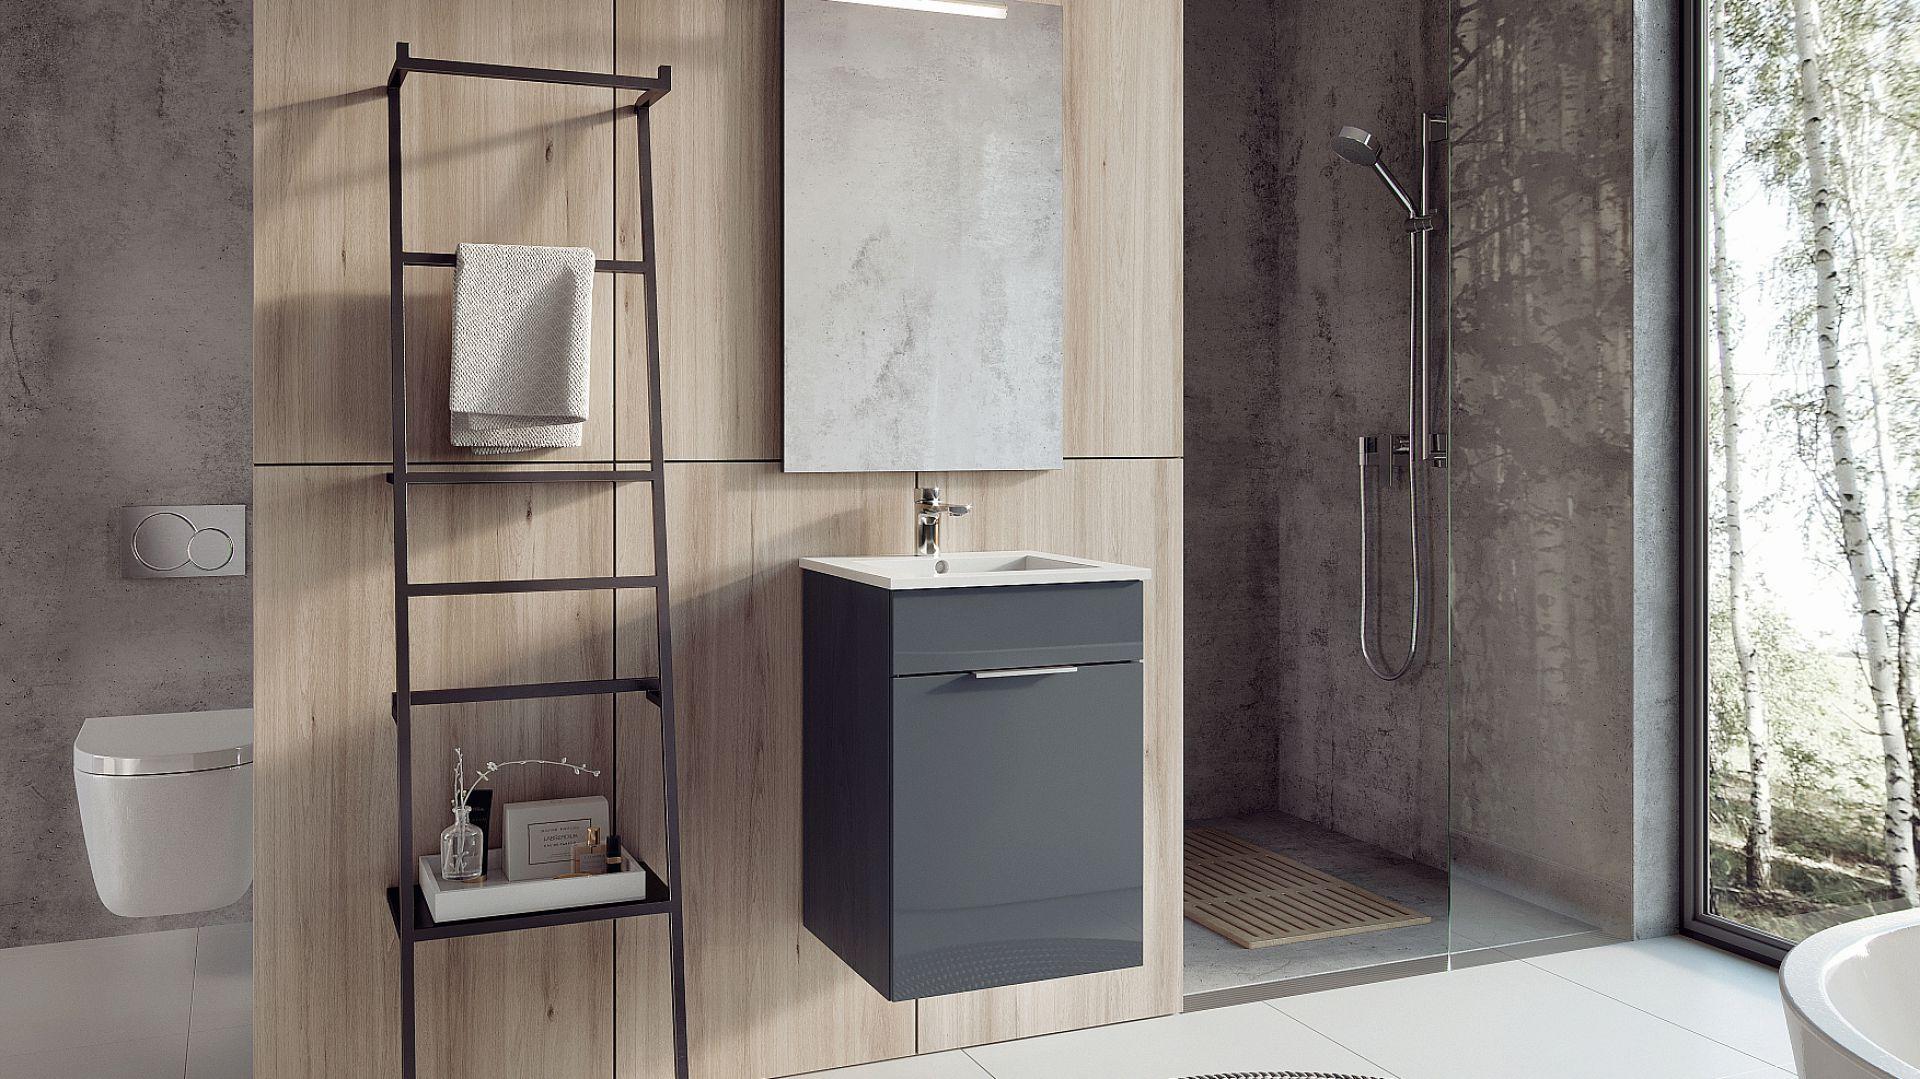 Kolekcja mebli QUBO PLUS stworzona z myślą o małych łazienkach, z zachowaniem stylu i elegancji. Kolory: biały, antracyt, dąb wenge, silver elm. Cena: 567,87 zł/ szafka z umywalką. Fot. Elita